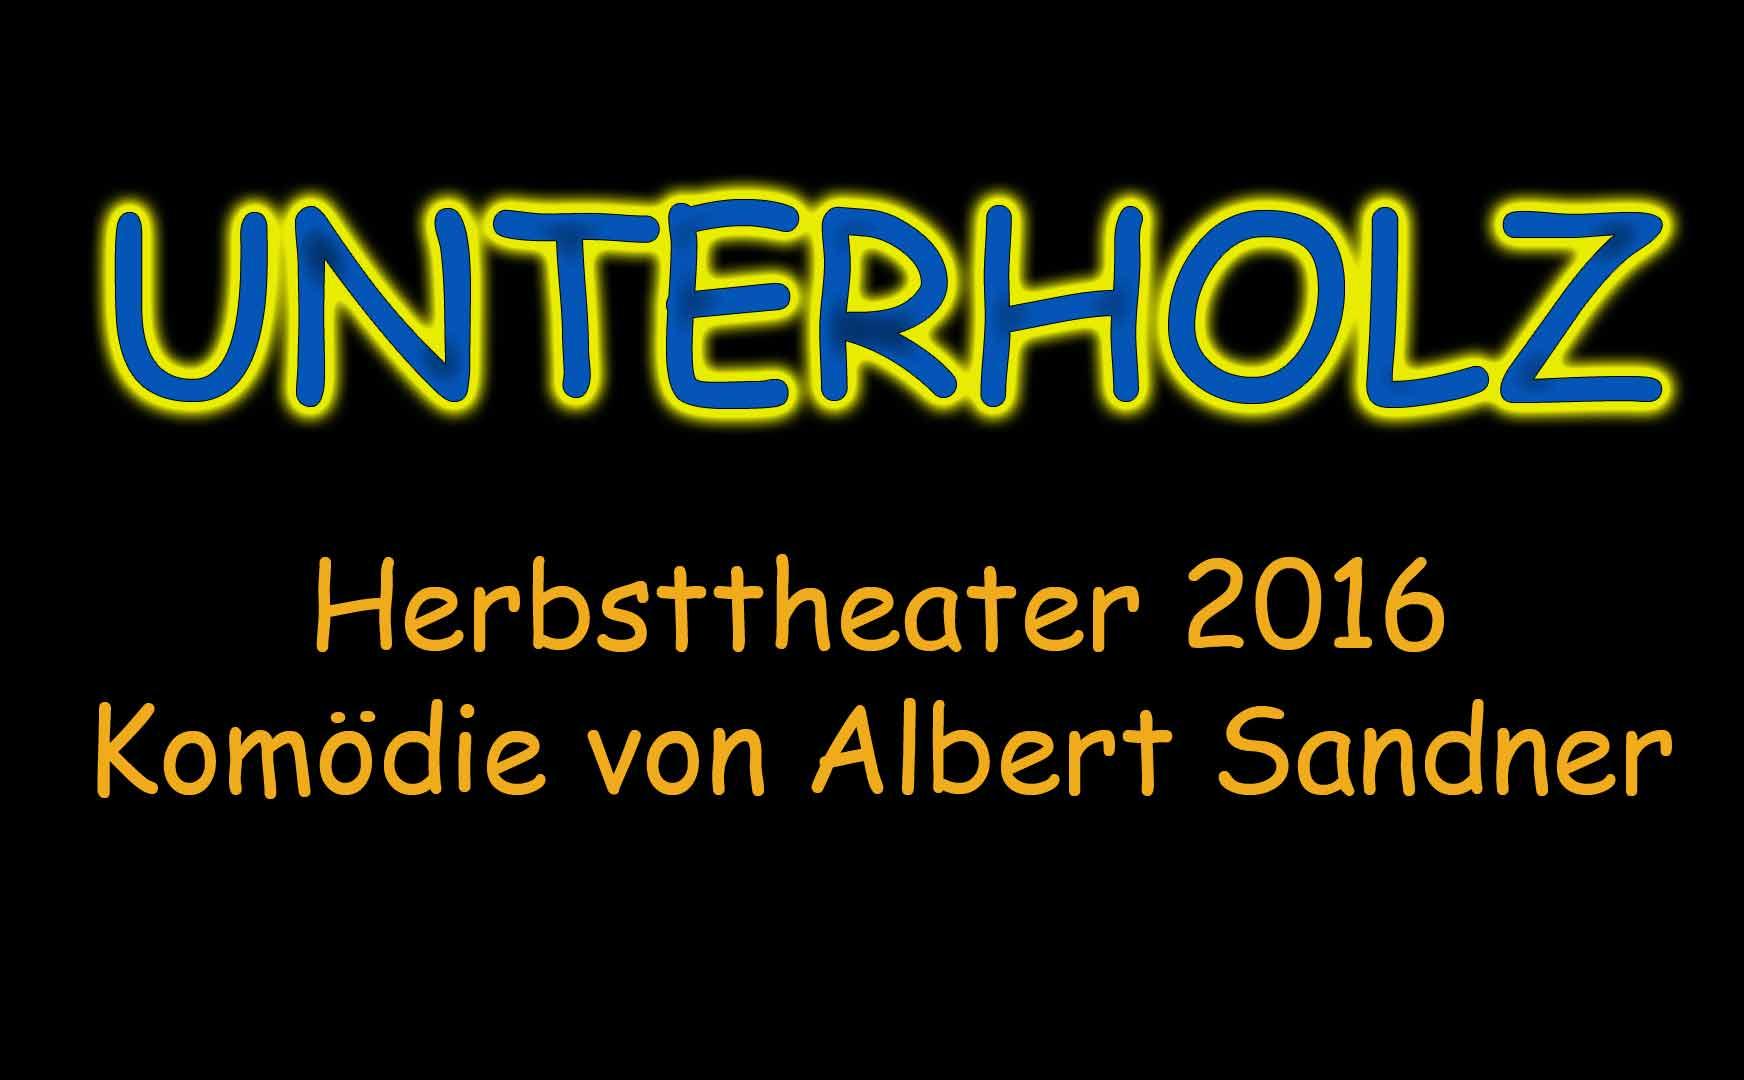 Herbsttheater